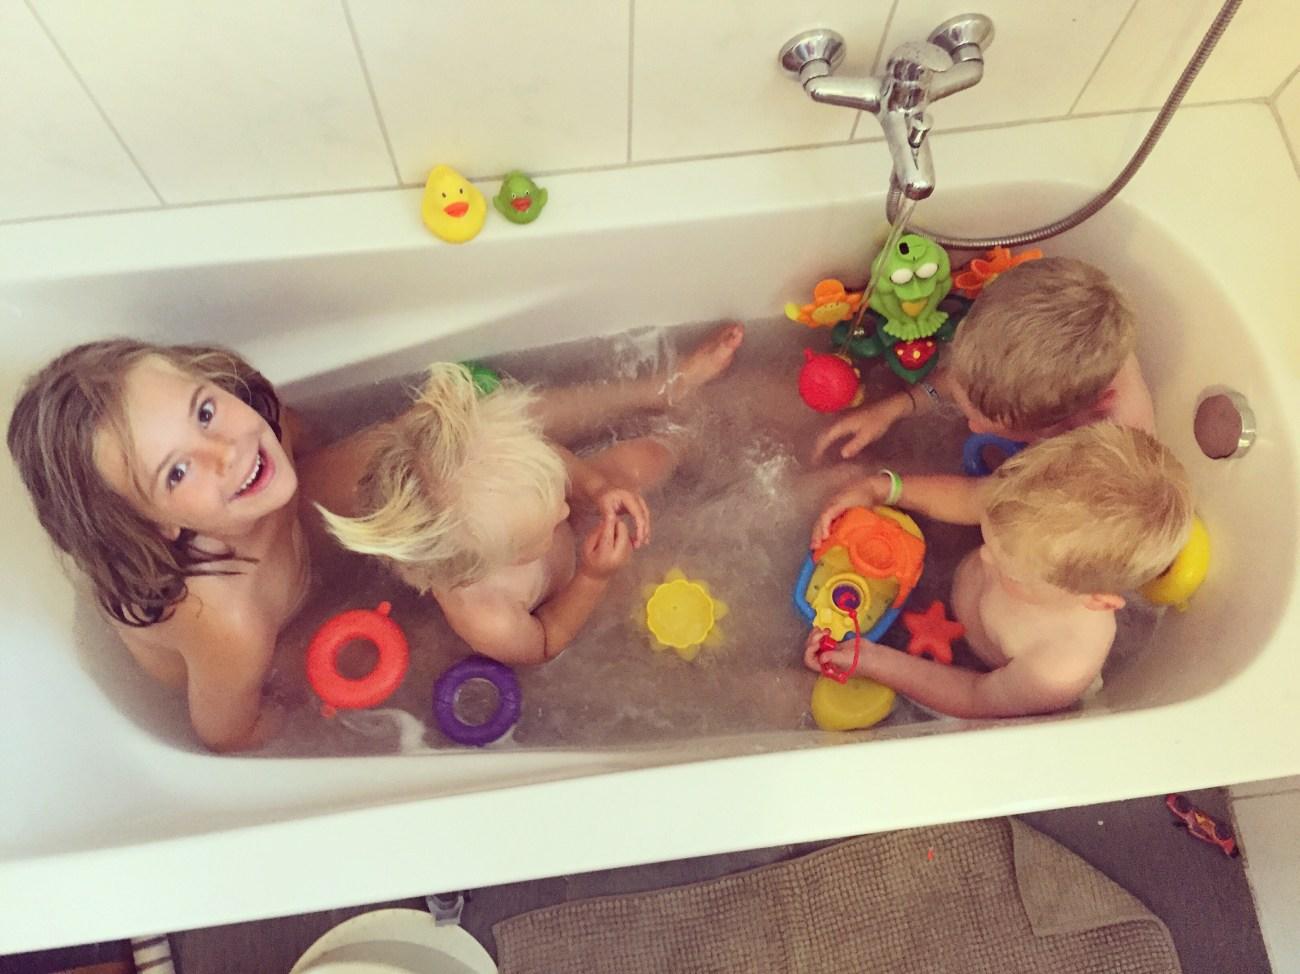 Daarna mikten we ze gewoon lekker in bad. Past net.